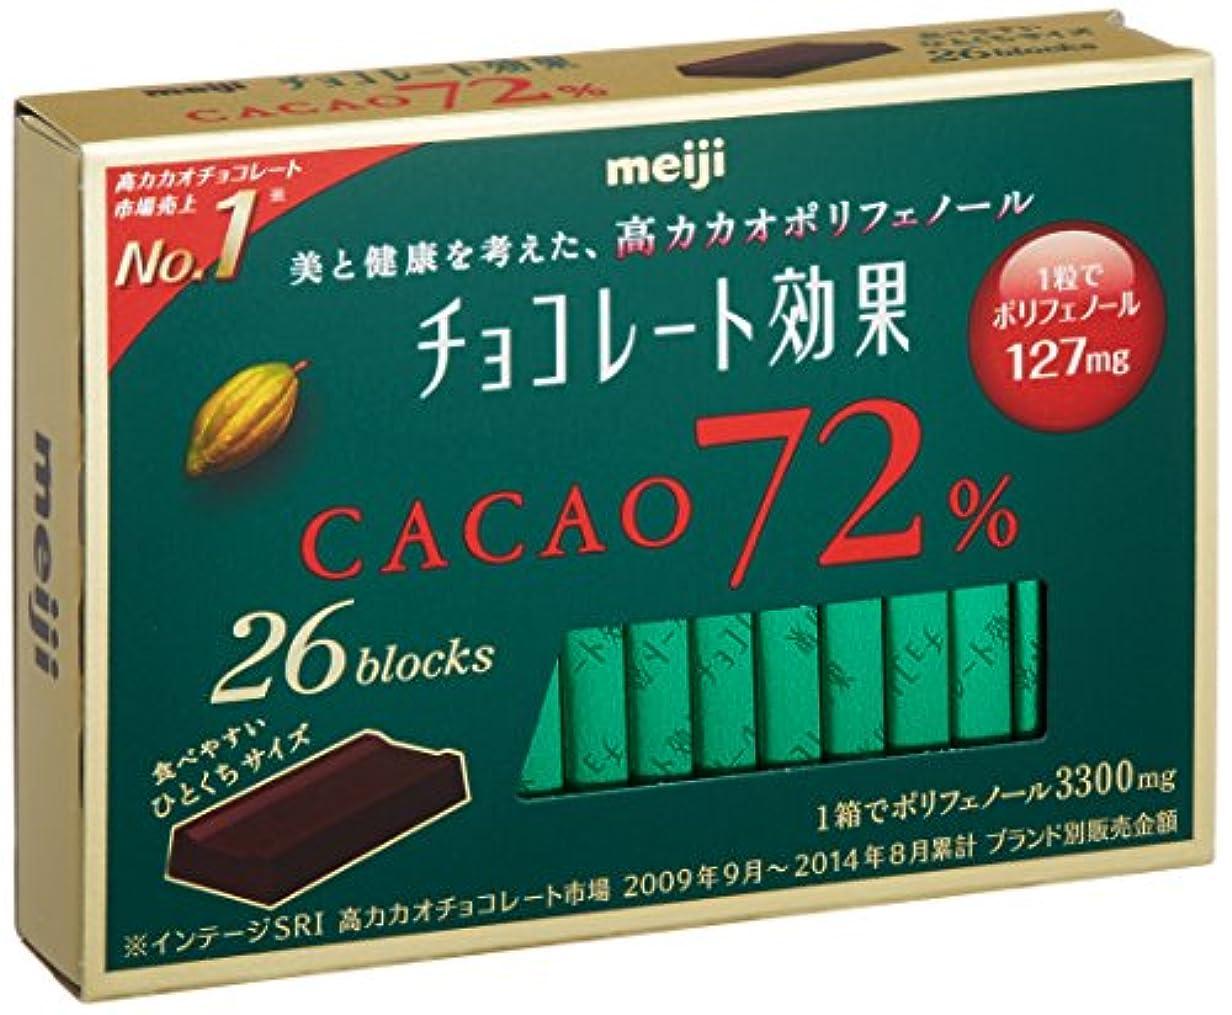 以前はひいきにする明治 チョコレート効果カカオ72% 26枚入り×6個